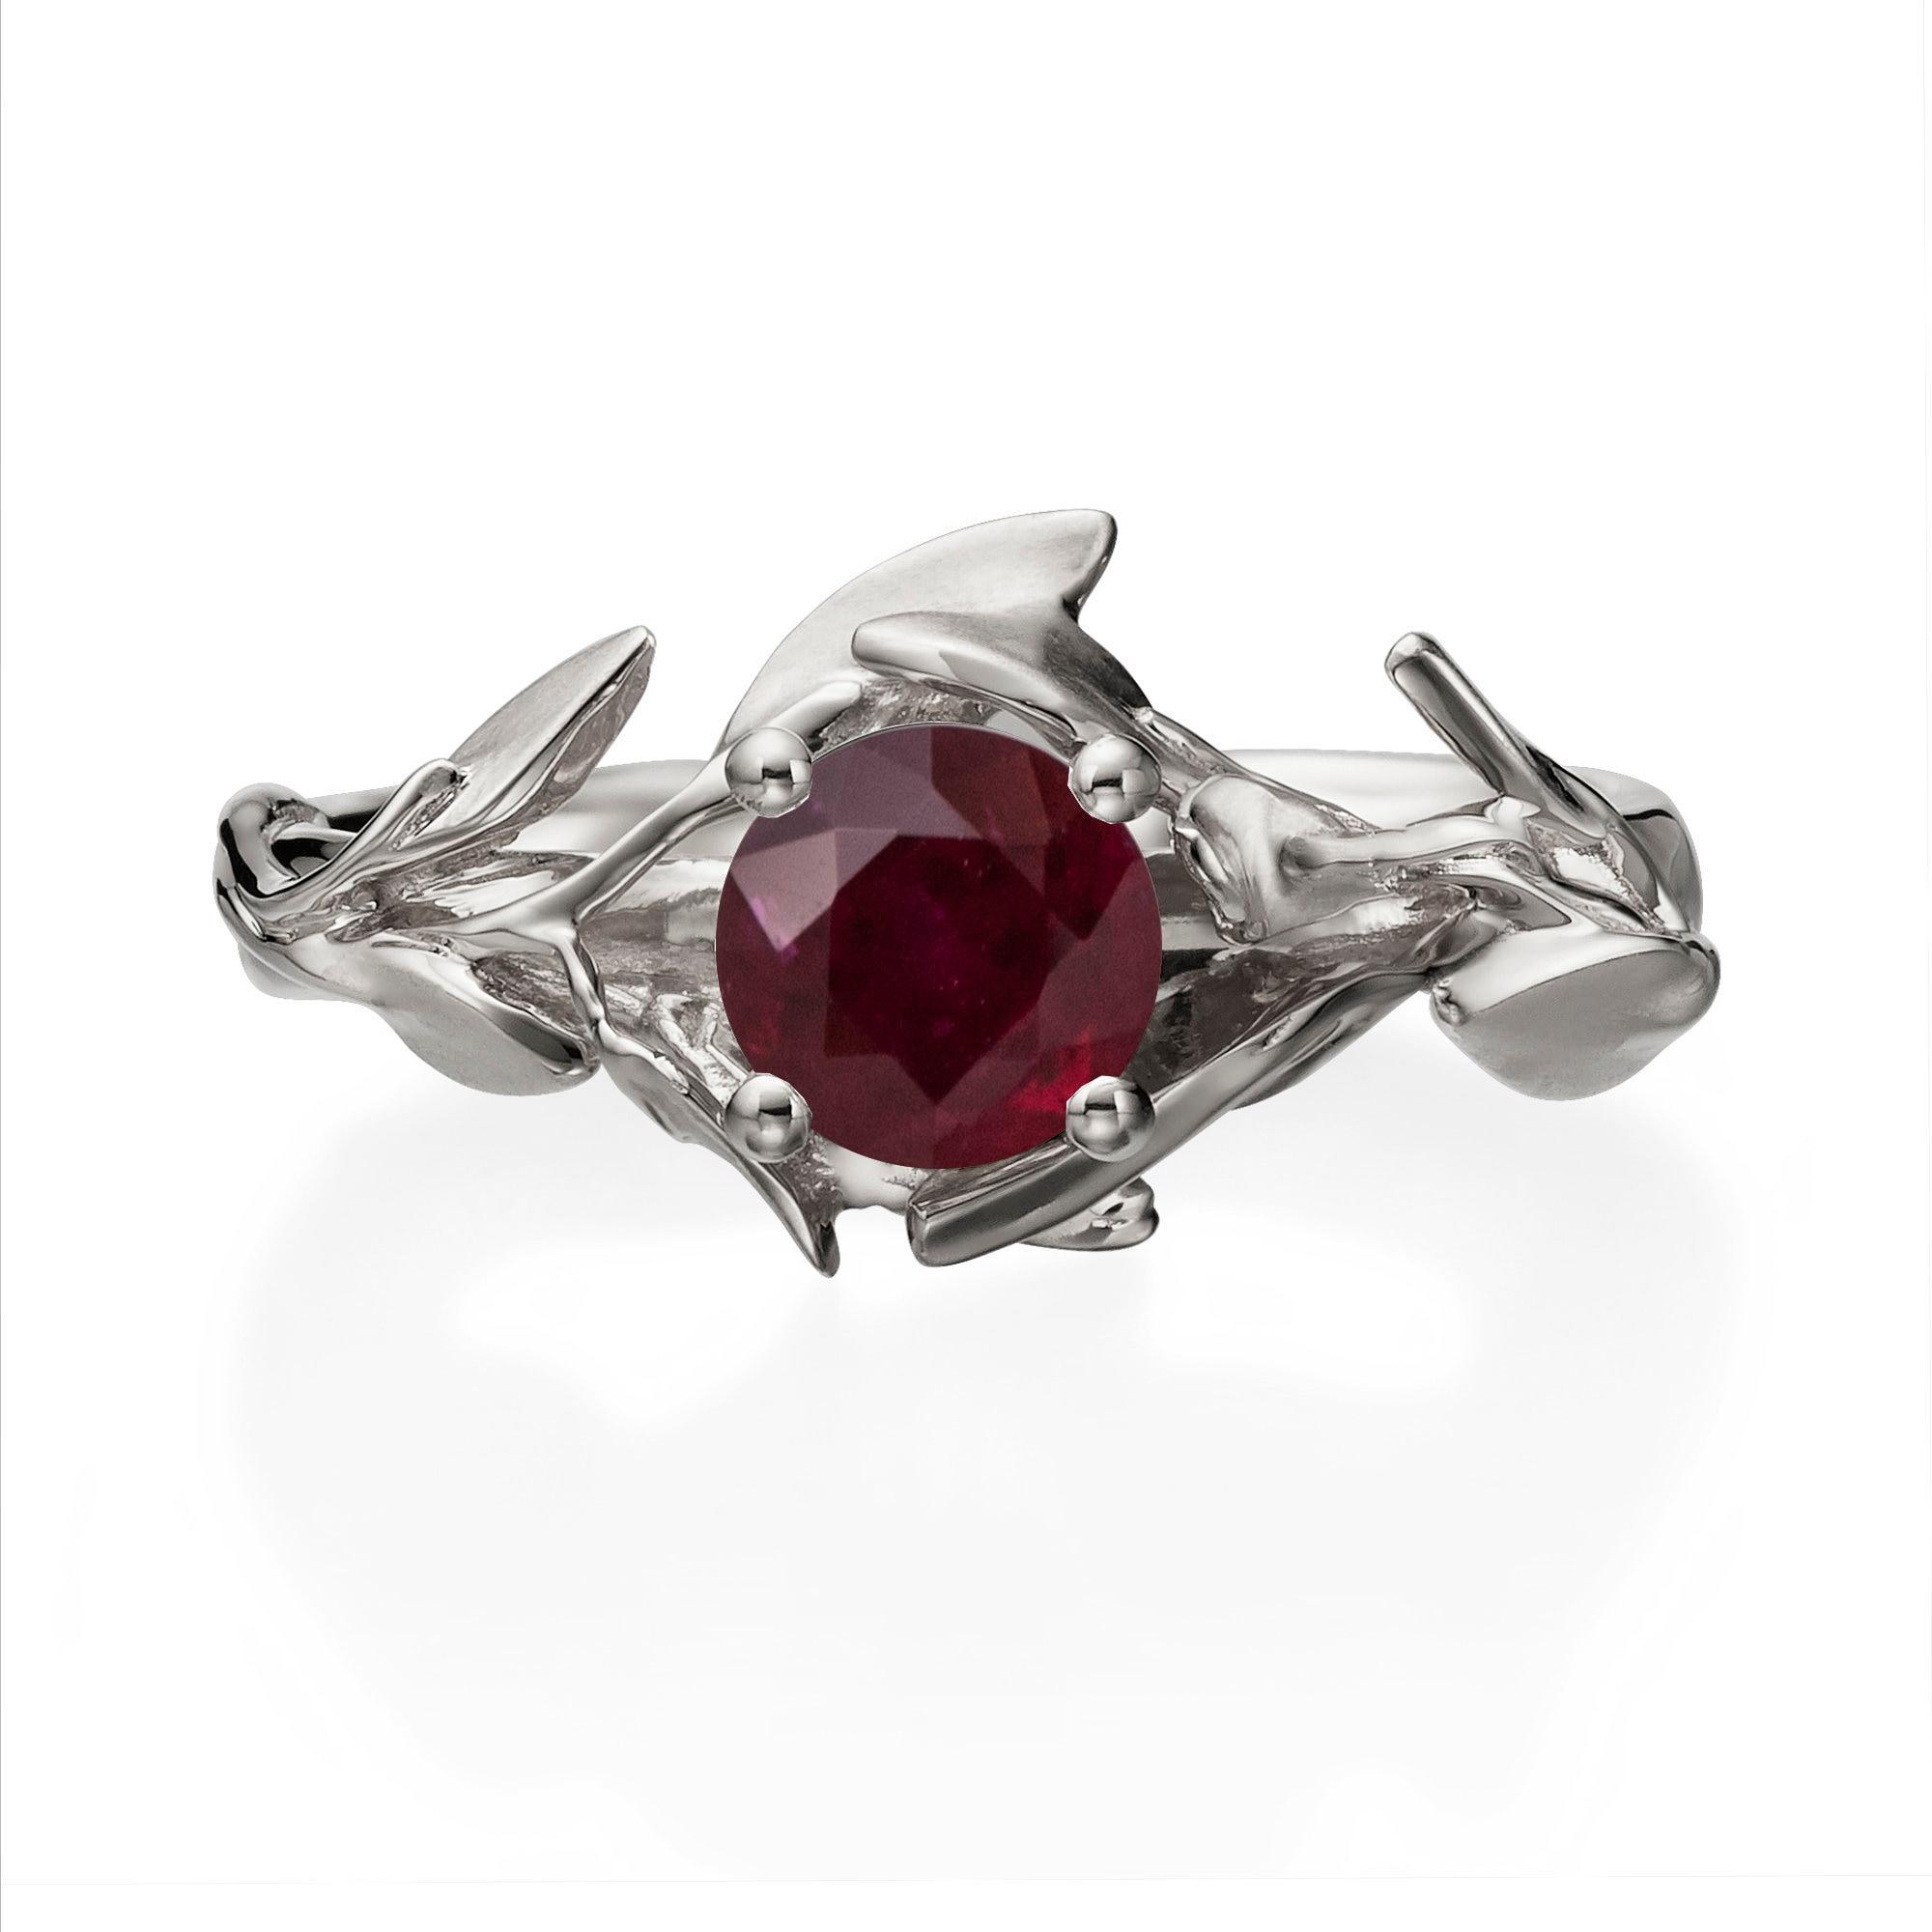 50: Ruby Wedding Ring Set 18k At Reisefeber.org